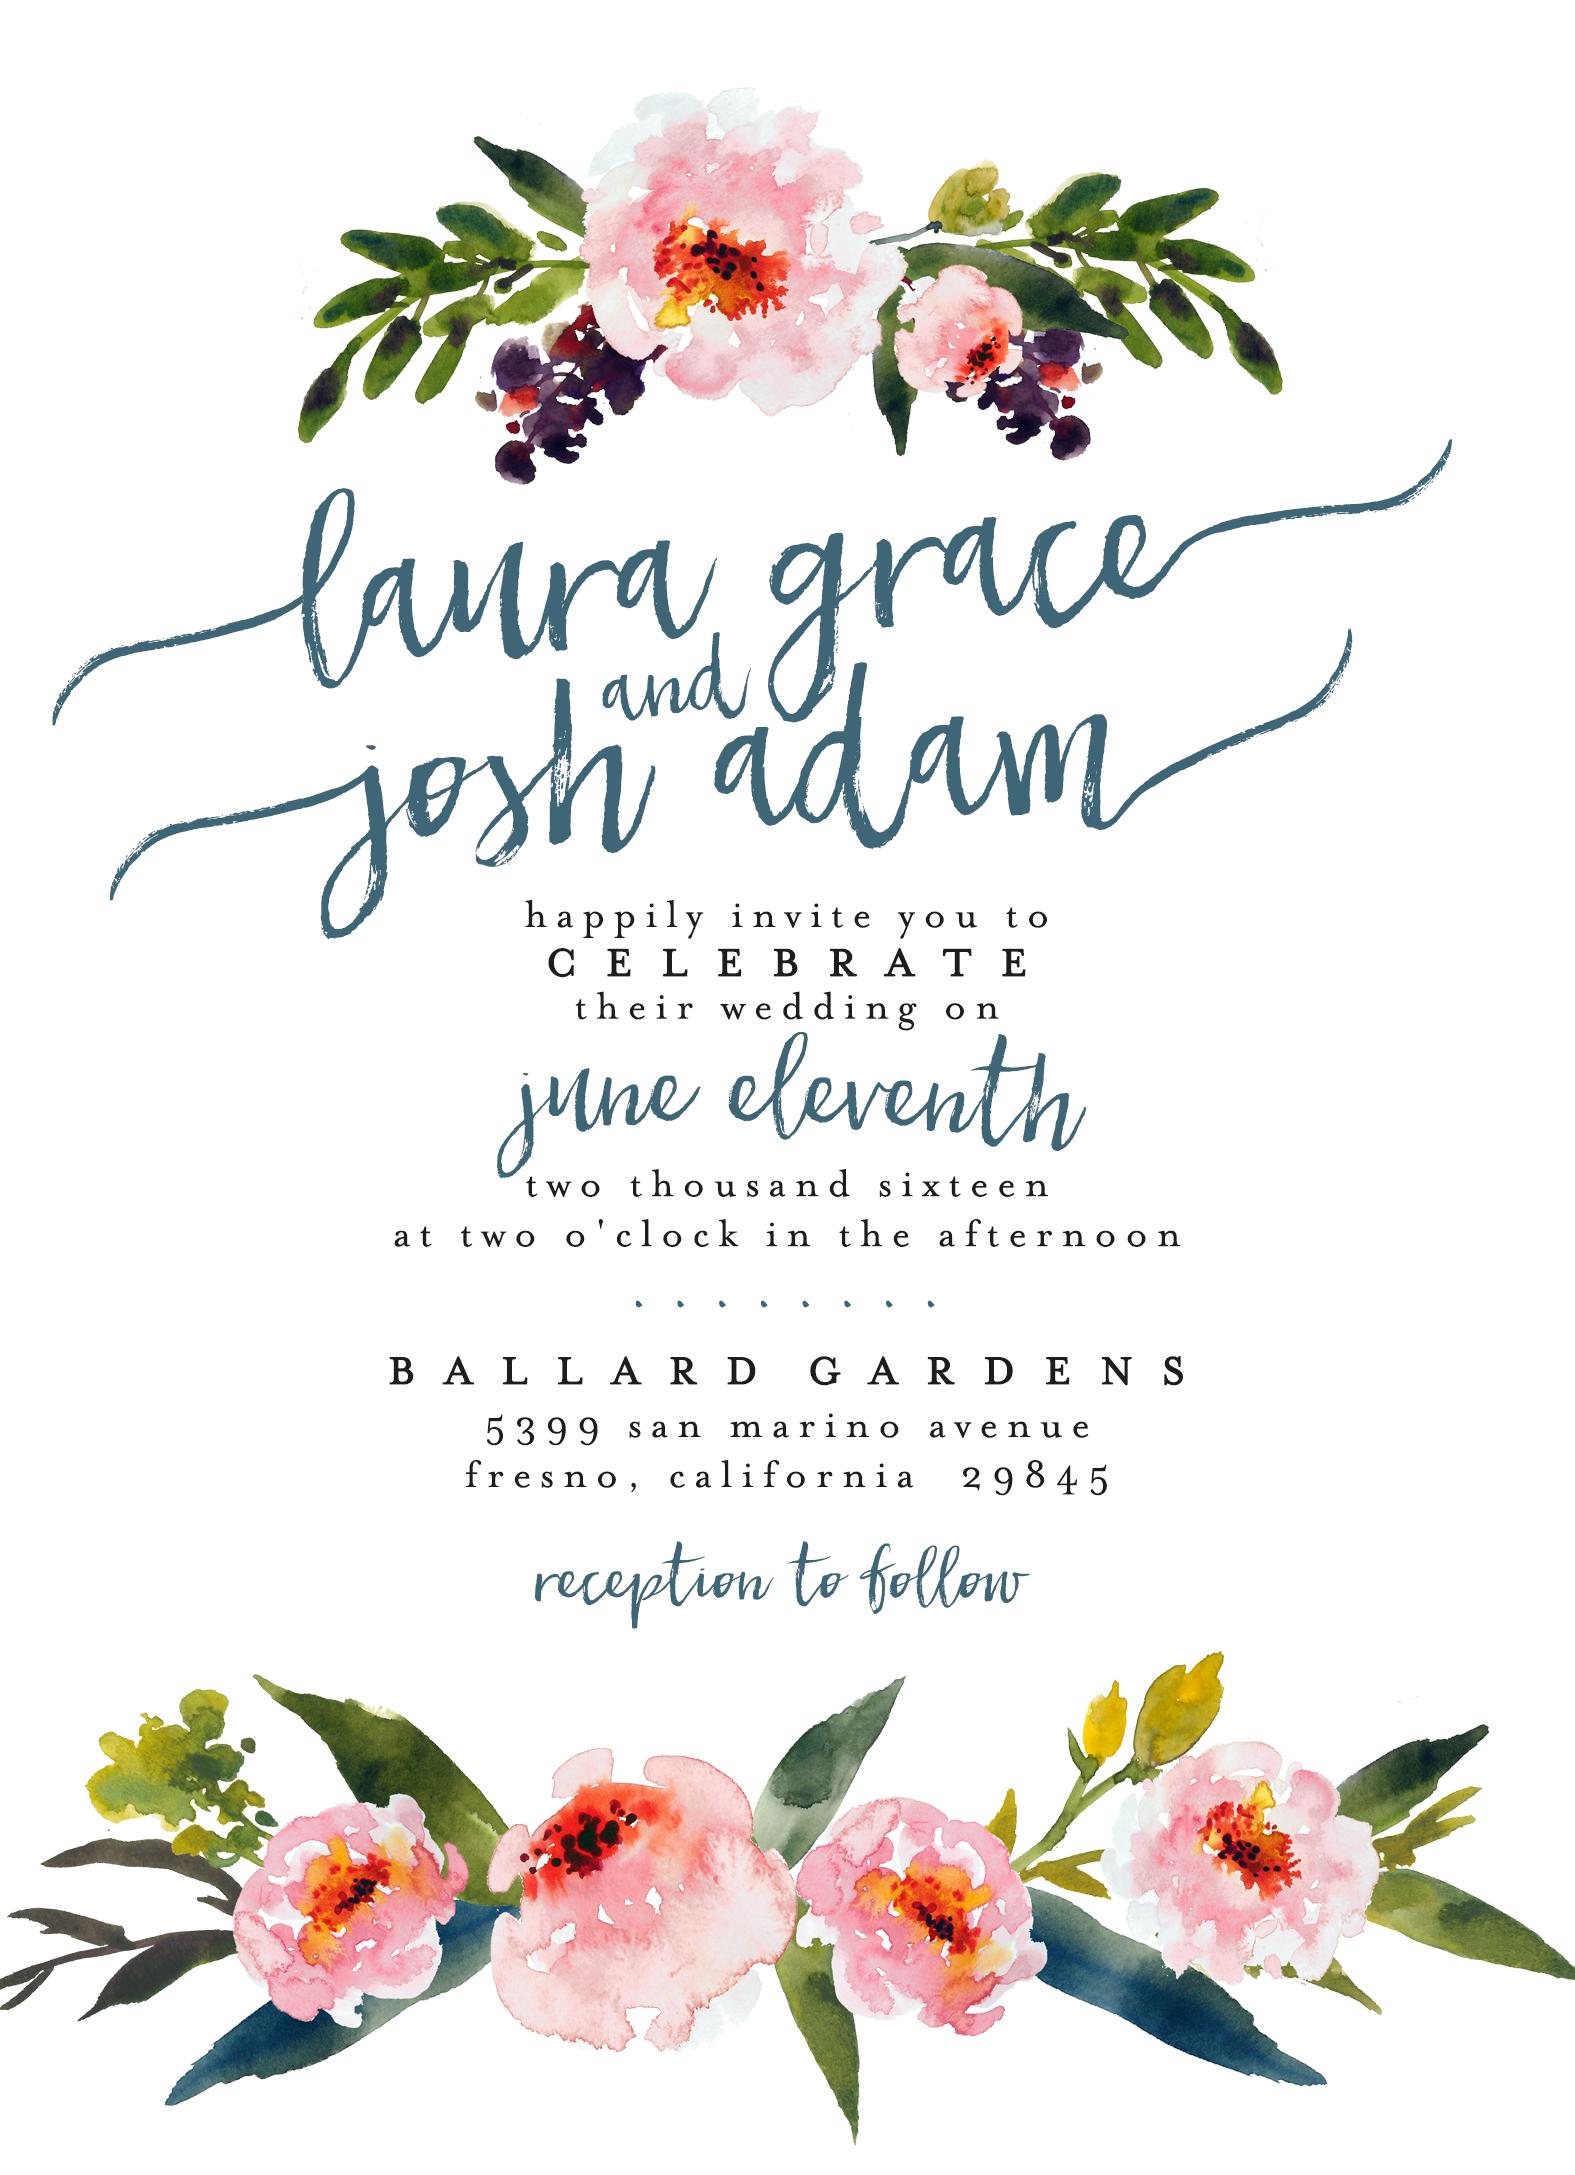 DIY Romantic Wedding Invitation Suite - Rustic, Chic, Watercolor ...